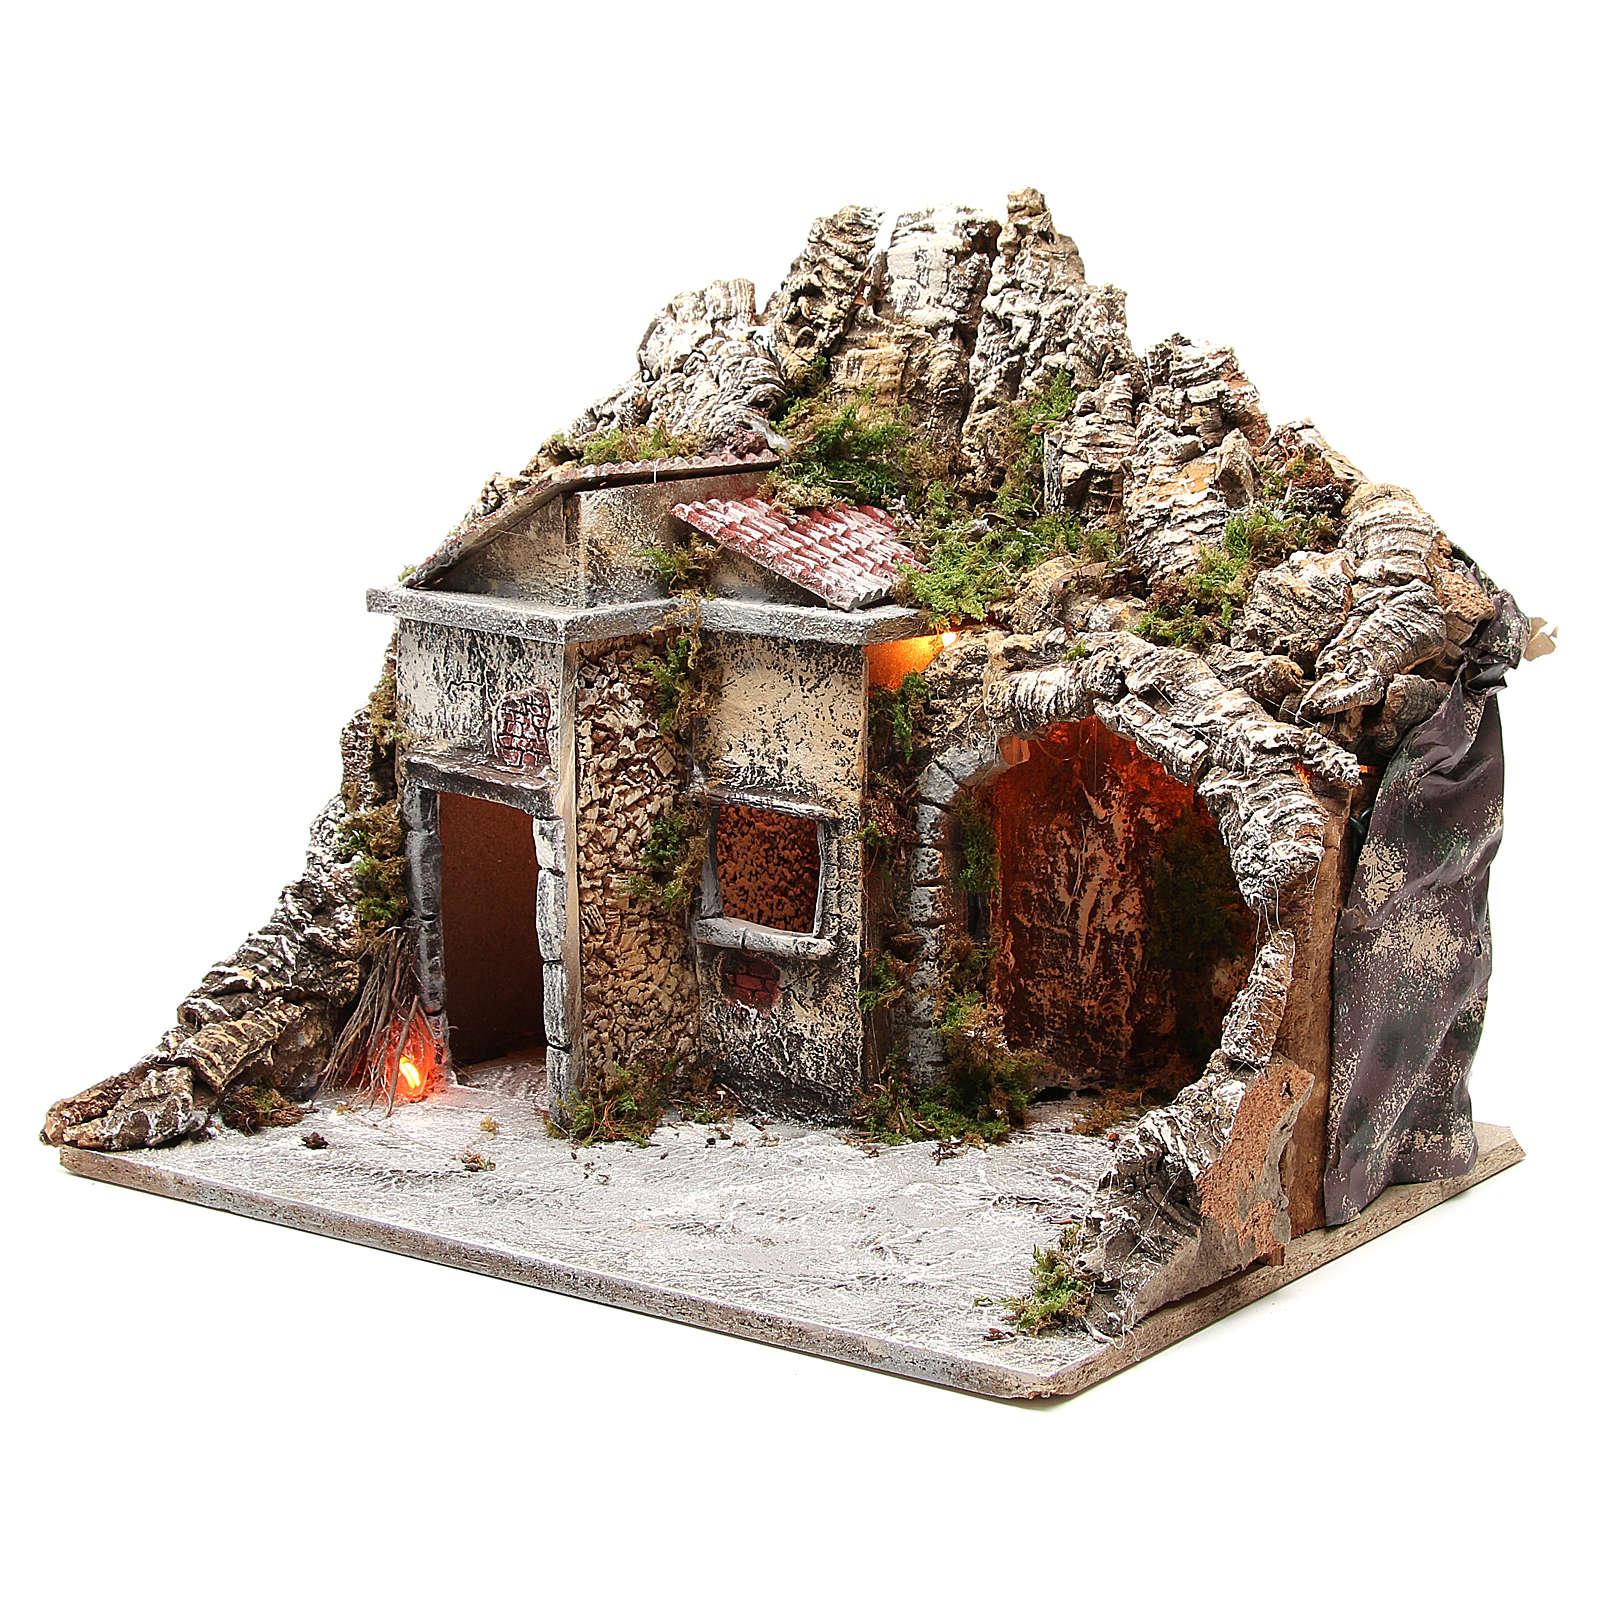 Capanna con case e effetto fuoco 50x43x40 cm 4